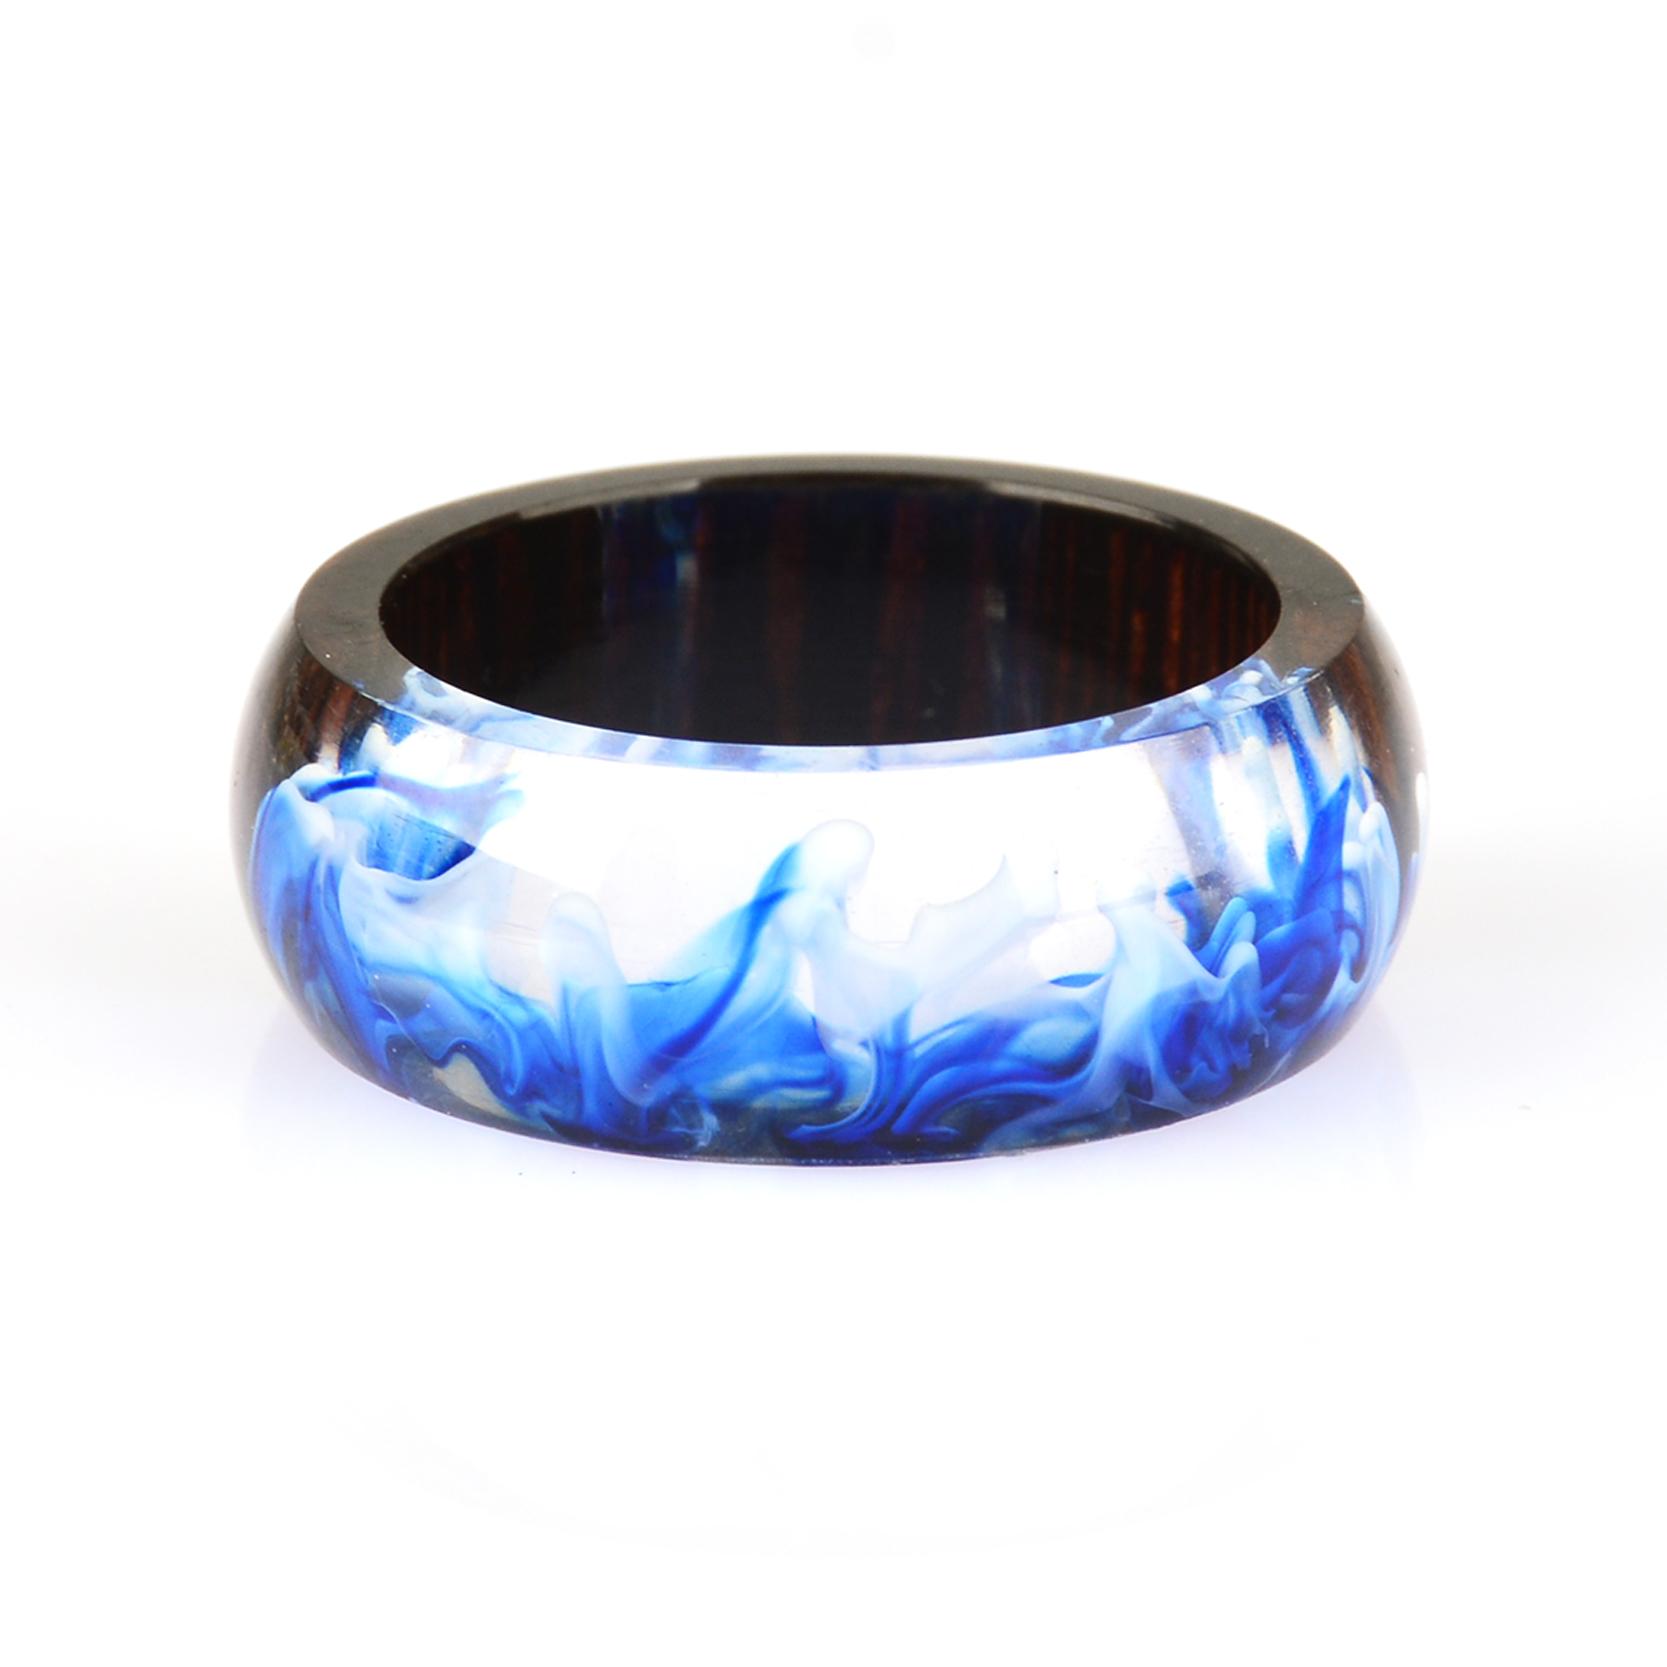 H97253b75f6224e0aa50d823ed49d982cL - Clear Wood Rings